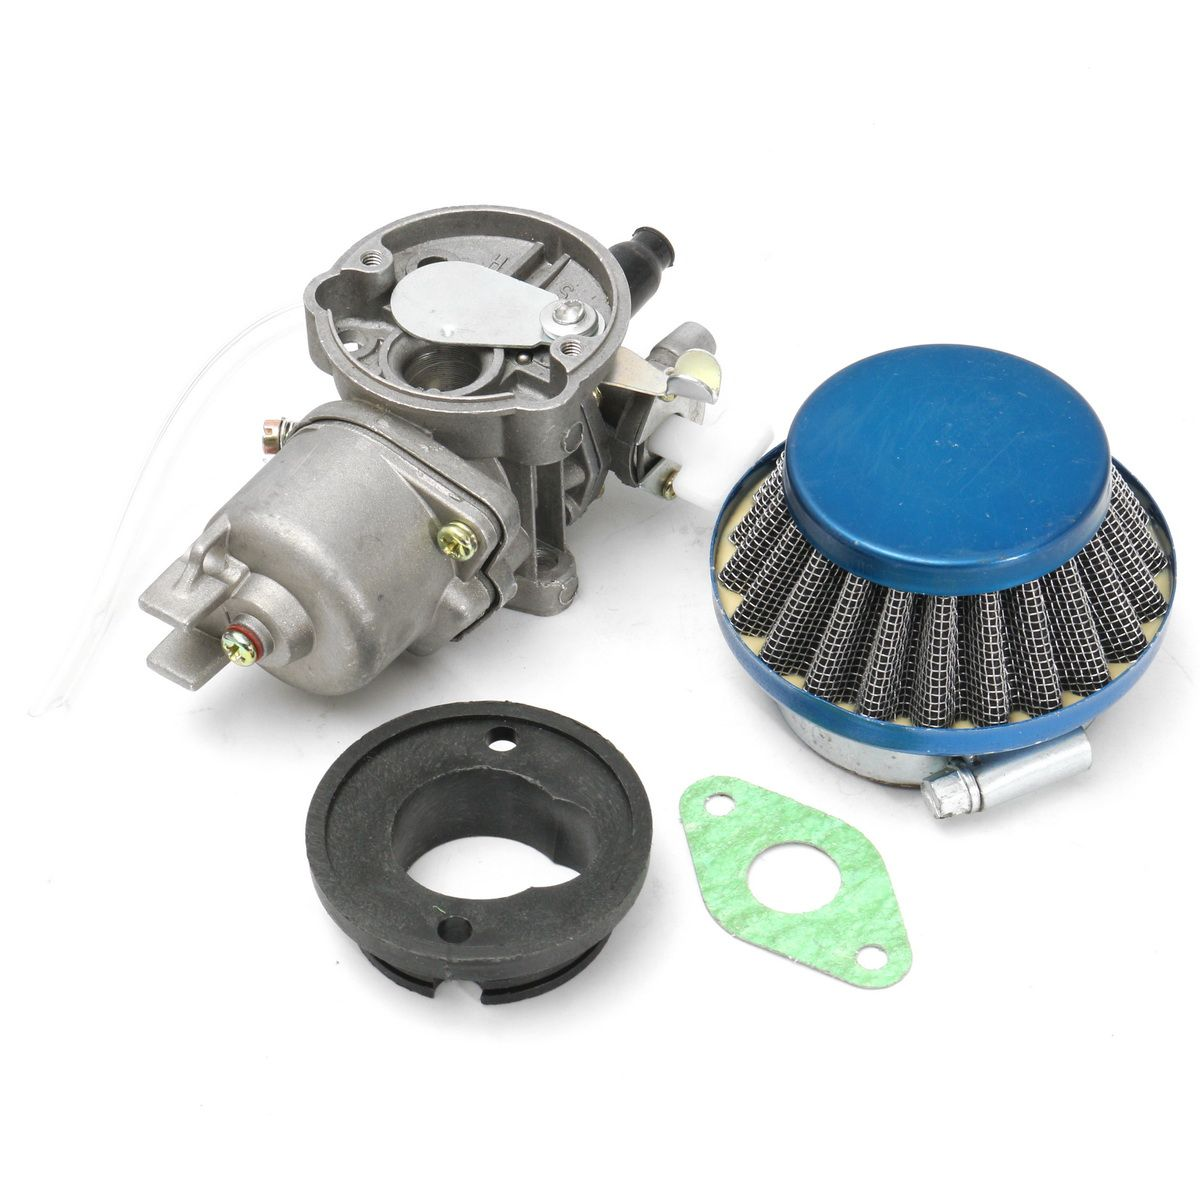 Carburetor Air Filter Assembly Kit For 47cc 49cc Mini Moto